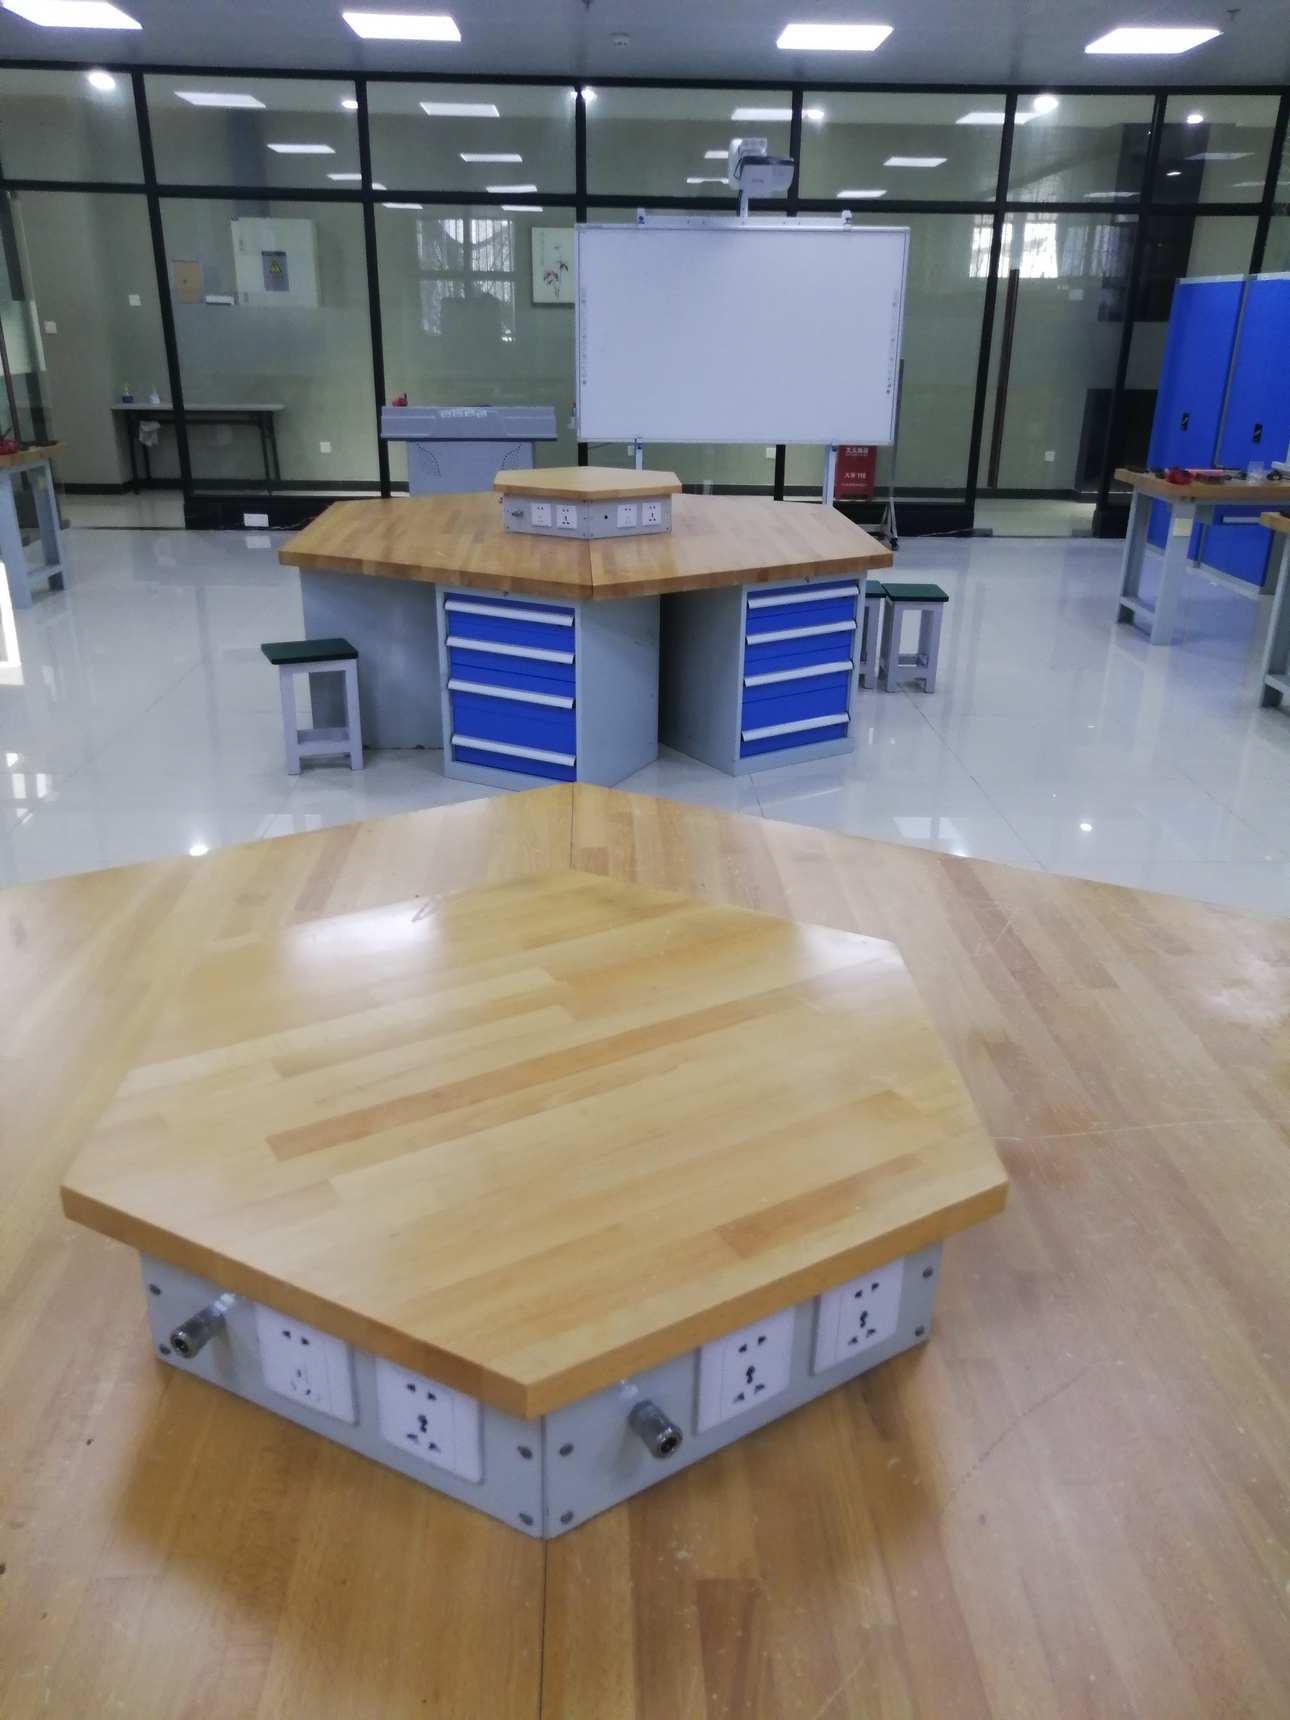 六角工作台,六角实训台,六边形培训台